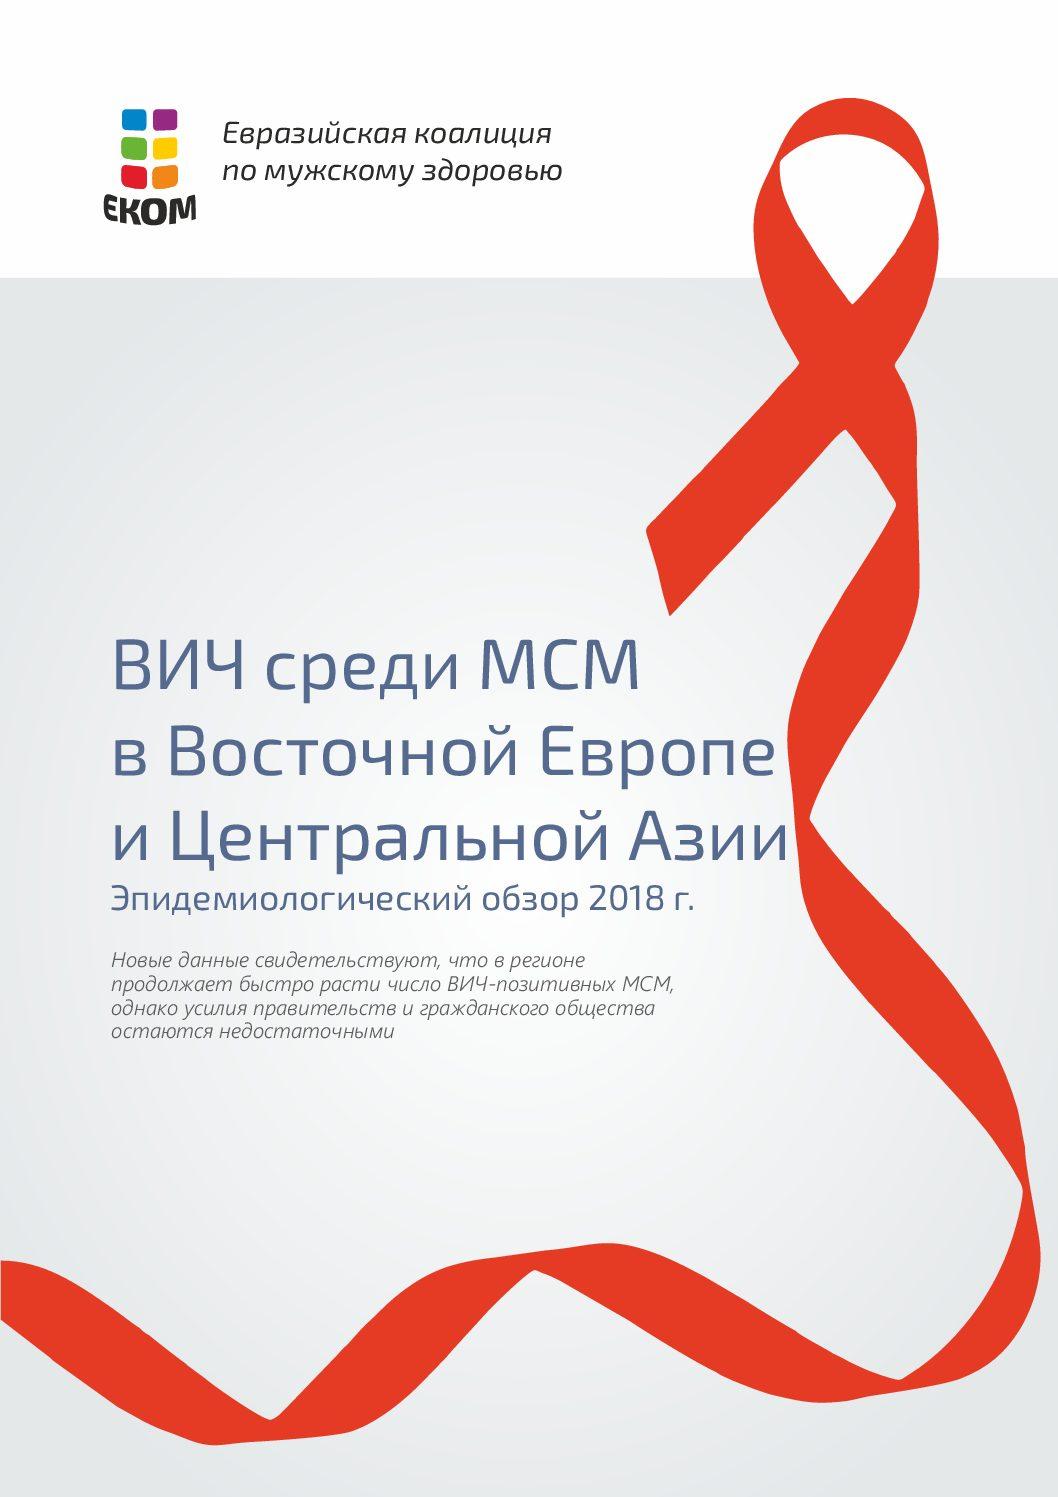 ВИЧ среди МСМ в Восточной Европе и Центральной Азии. Эпидемиологический обзор 2018